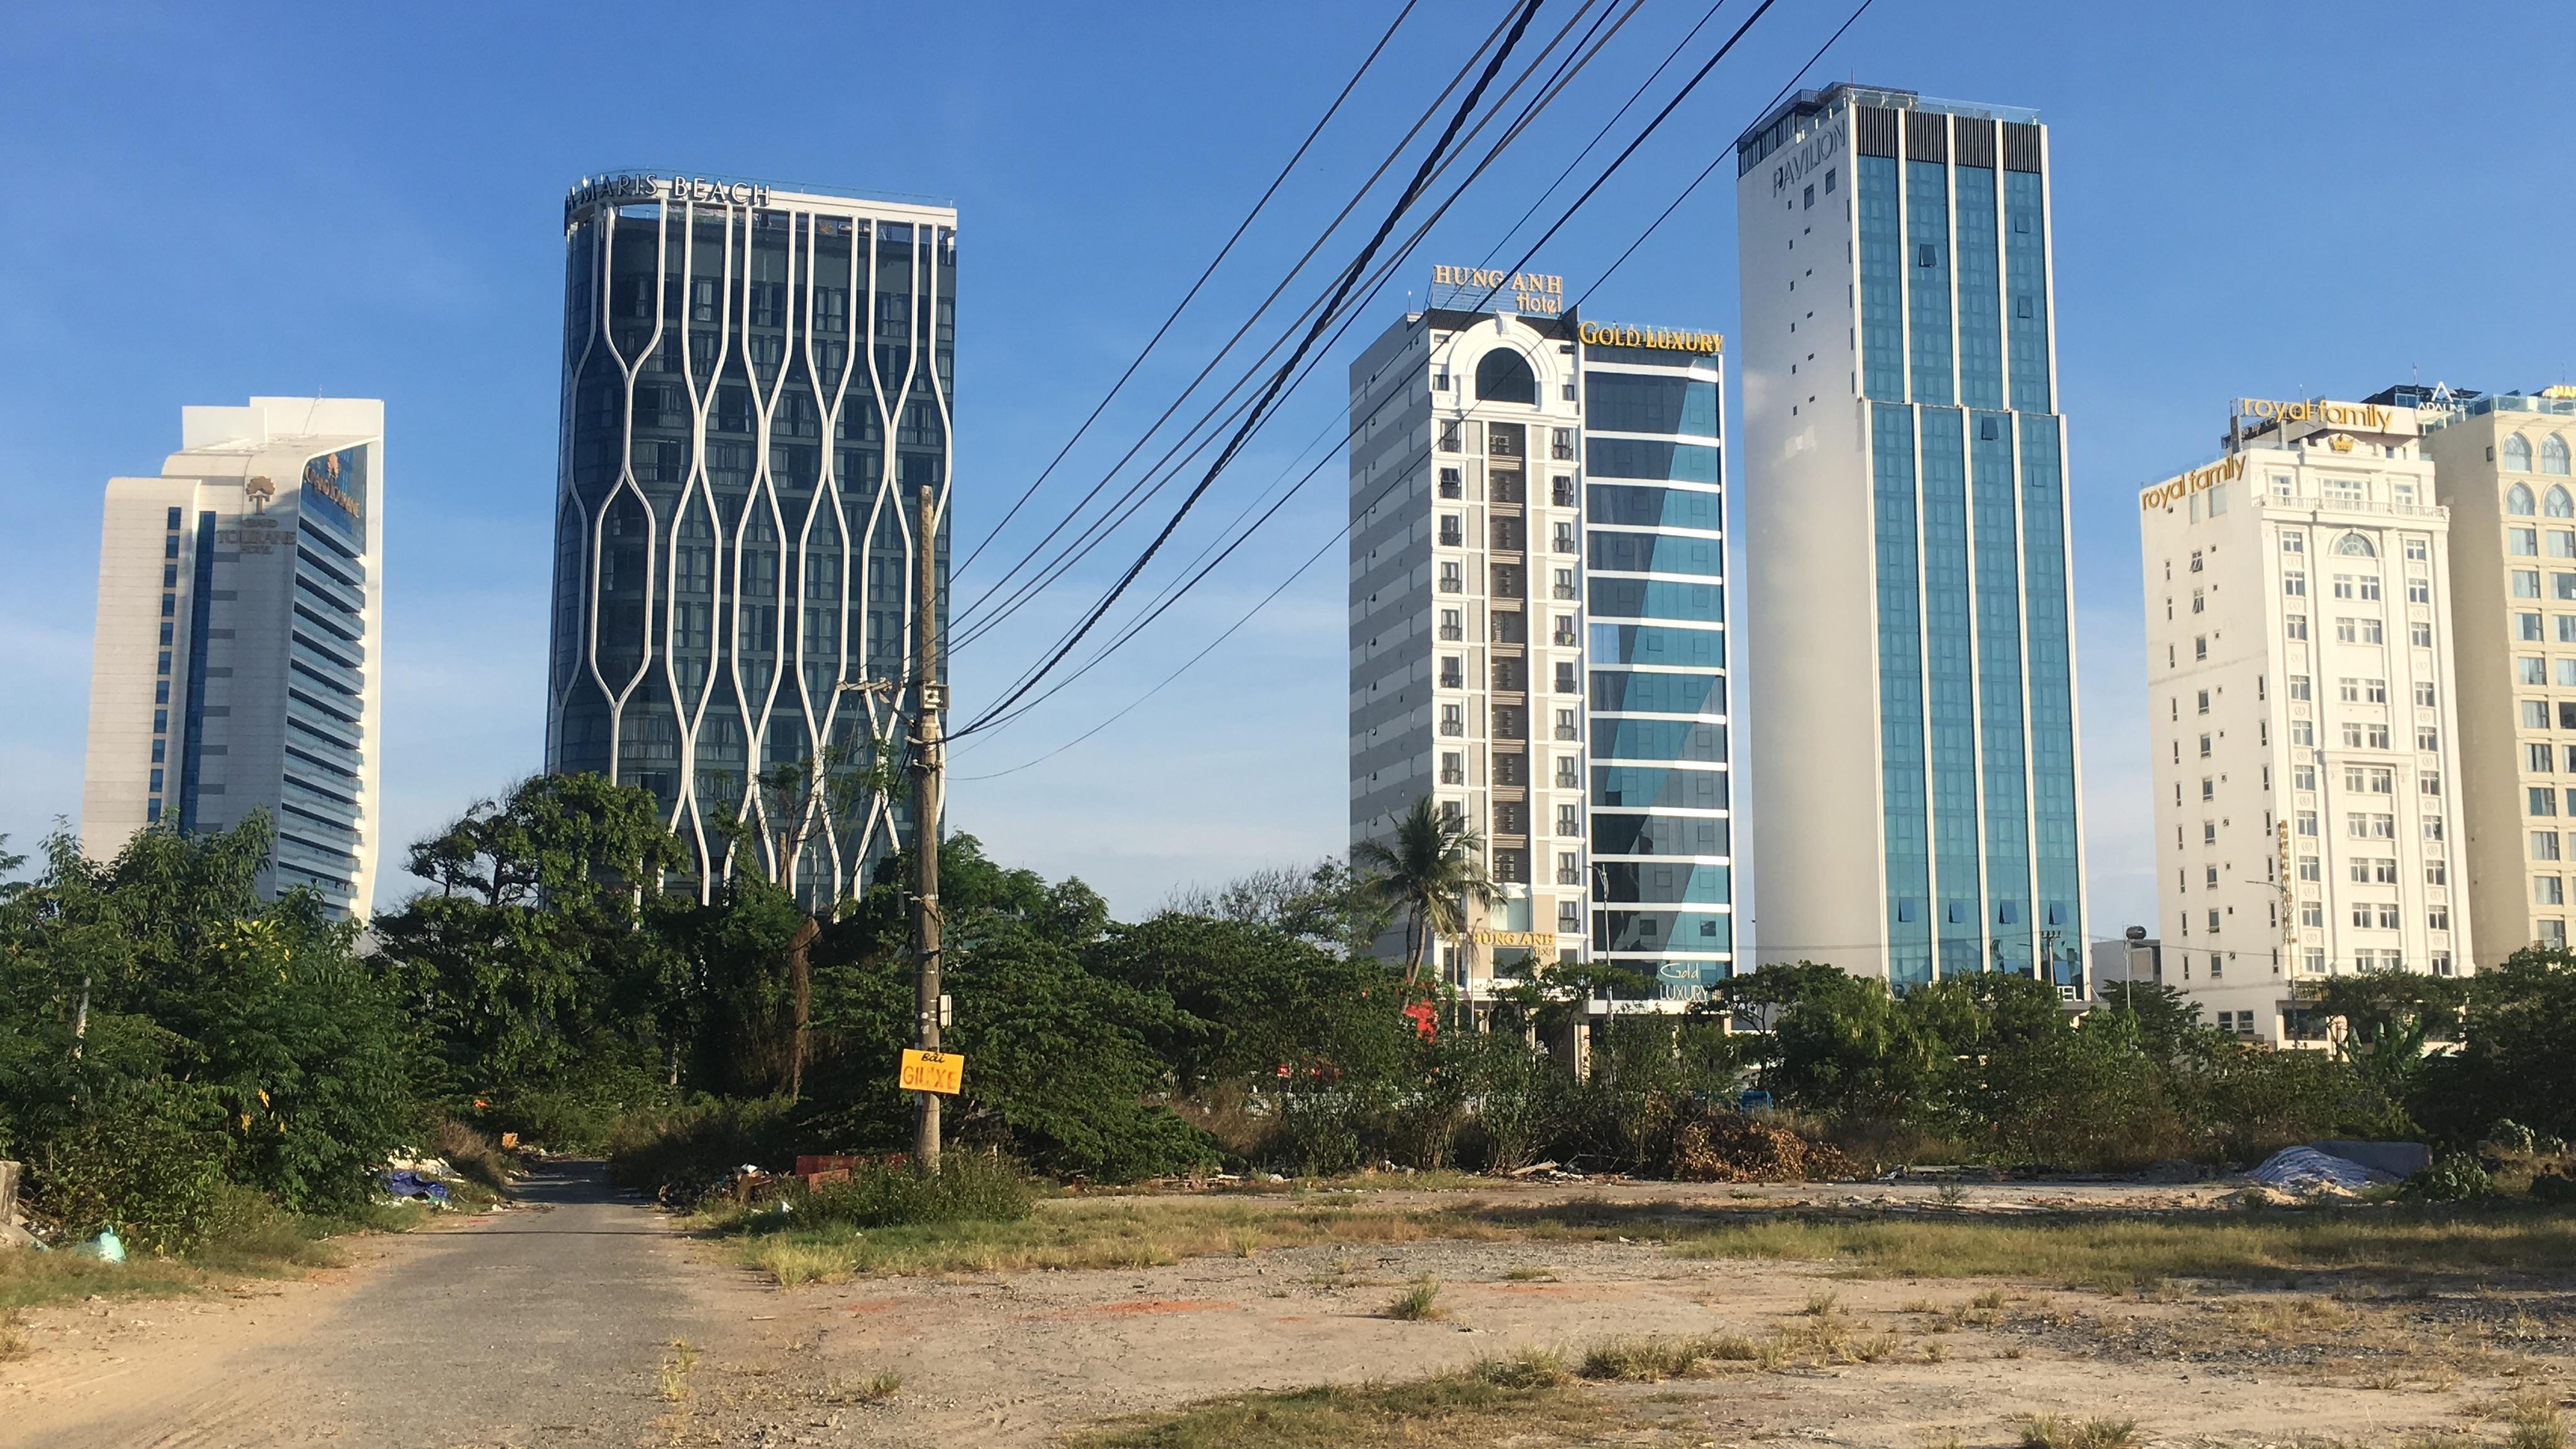 Những dự án hàng chục nghìn tỉ đồng đang được Đà Nẵng xúc tiến đầu tư - Ảnh 1.